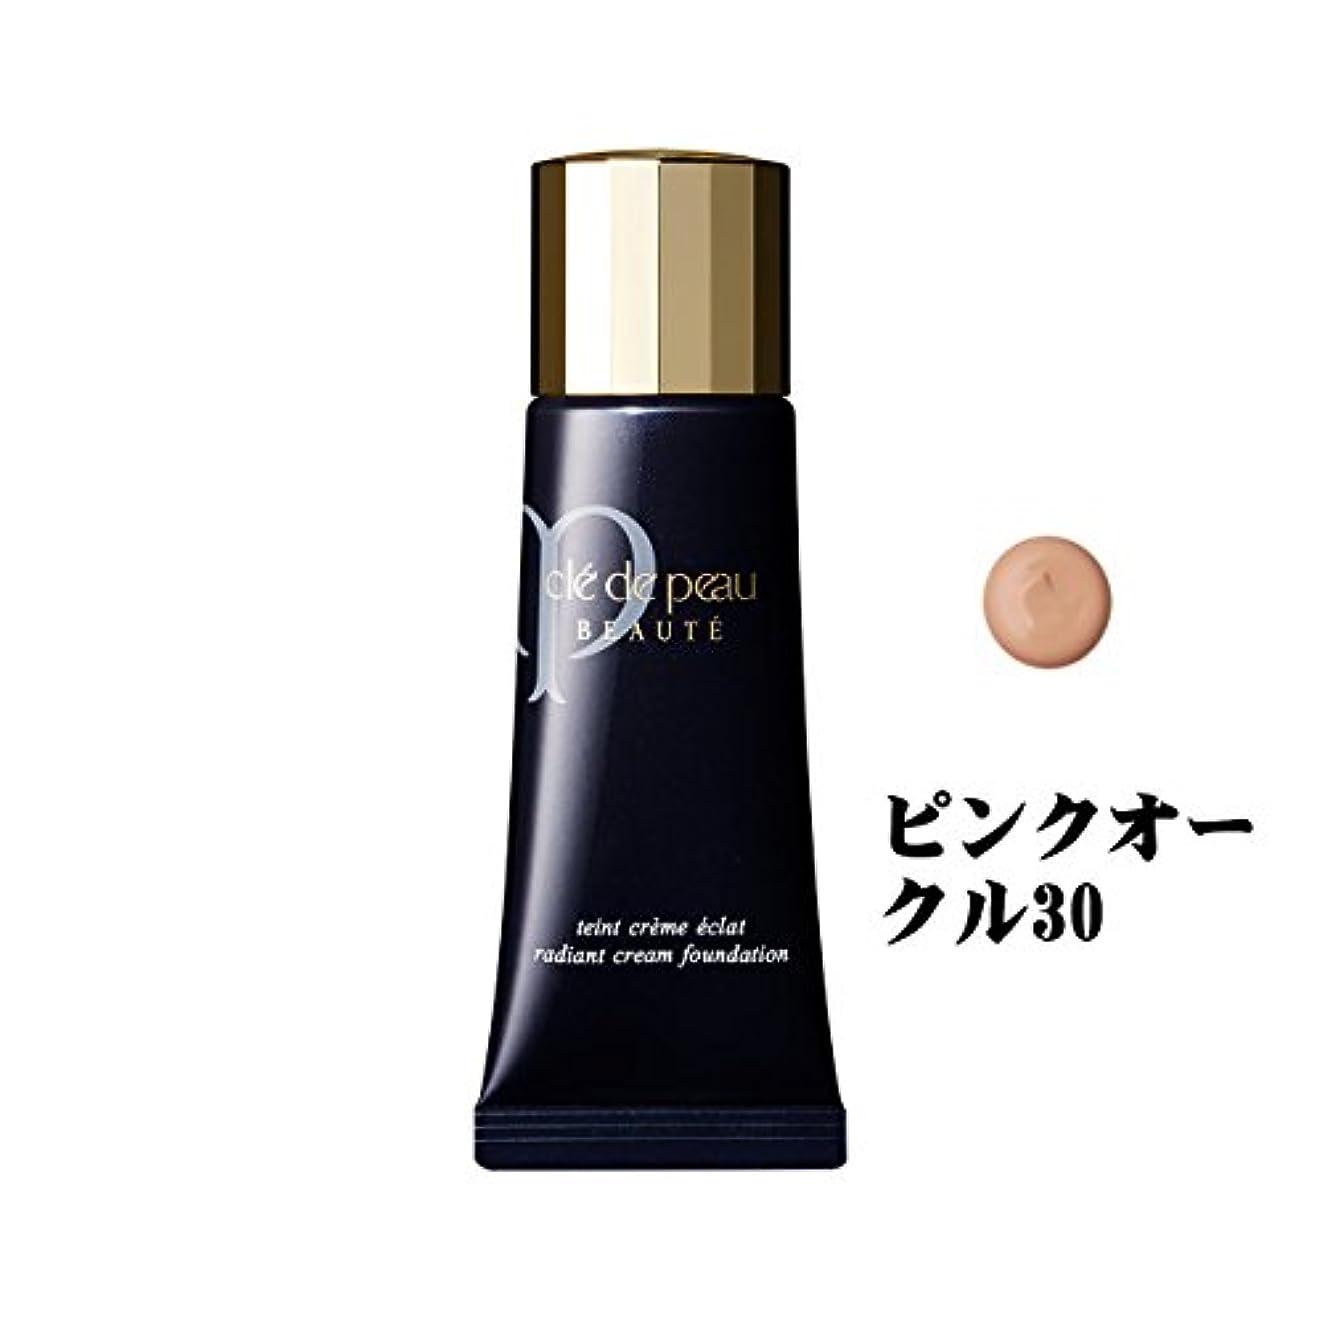 部門分注する最近資生堂/shiseido クレドポーボーテ/CPB タンクレームエクラ クリームタイプ SPF25?PA++ ピンクオークル30